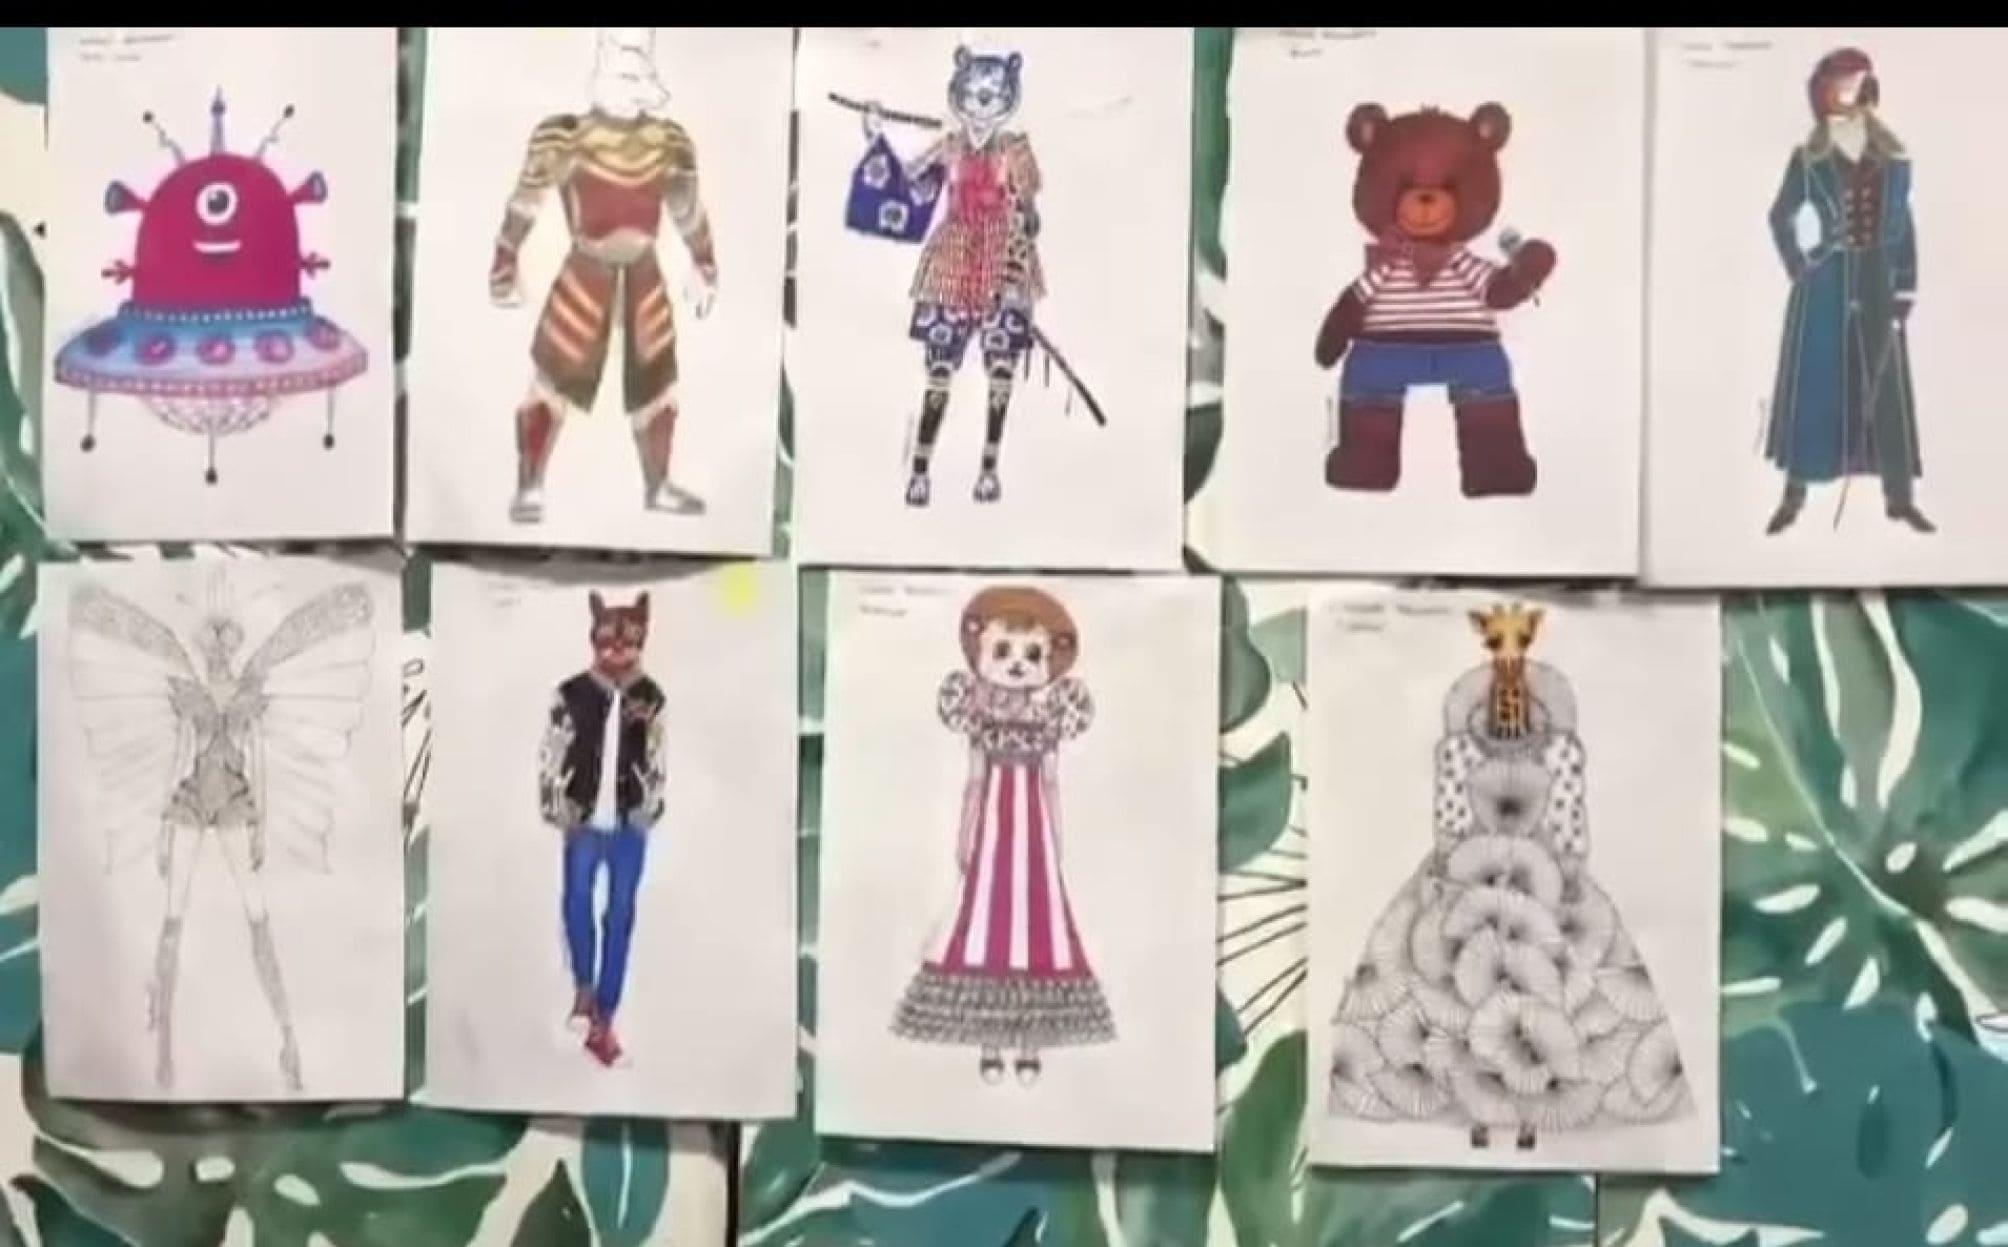 Milly Carlucci dà degli indizi sui concorrenti delle nuove maschere de Il Cantante Mascherato